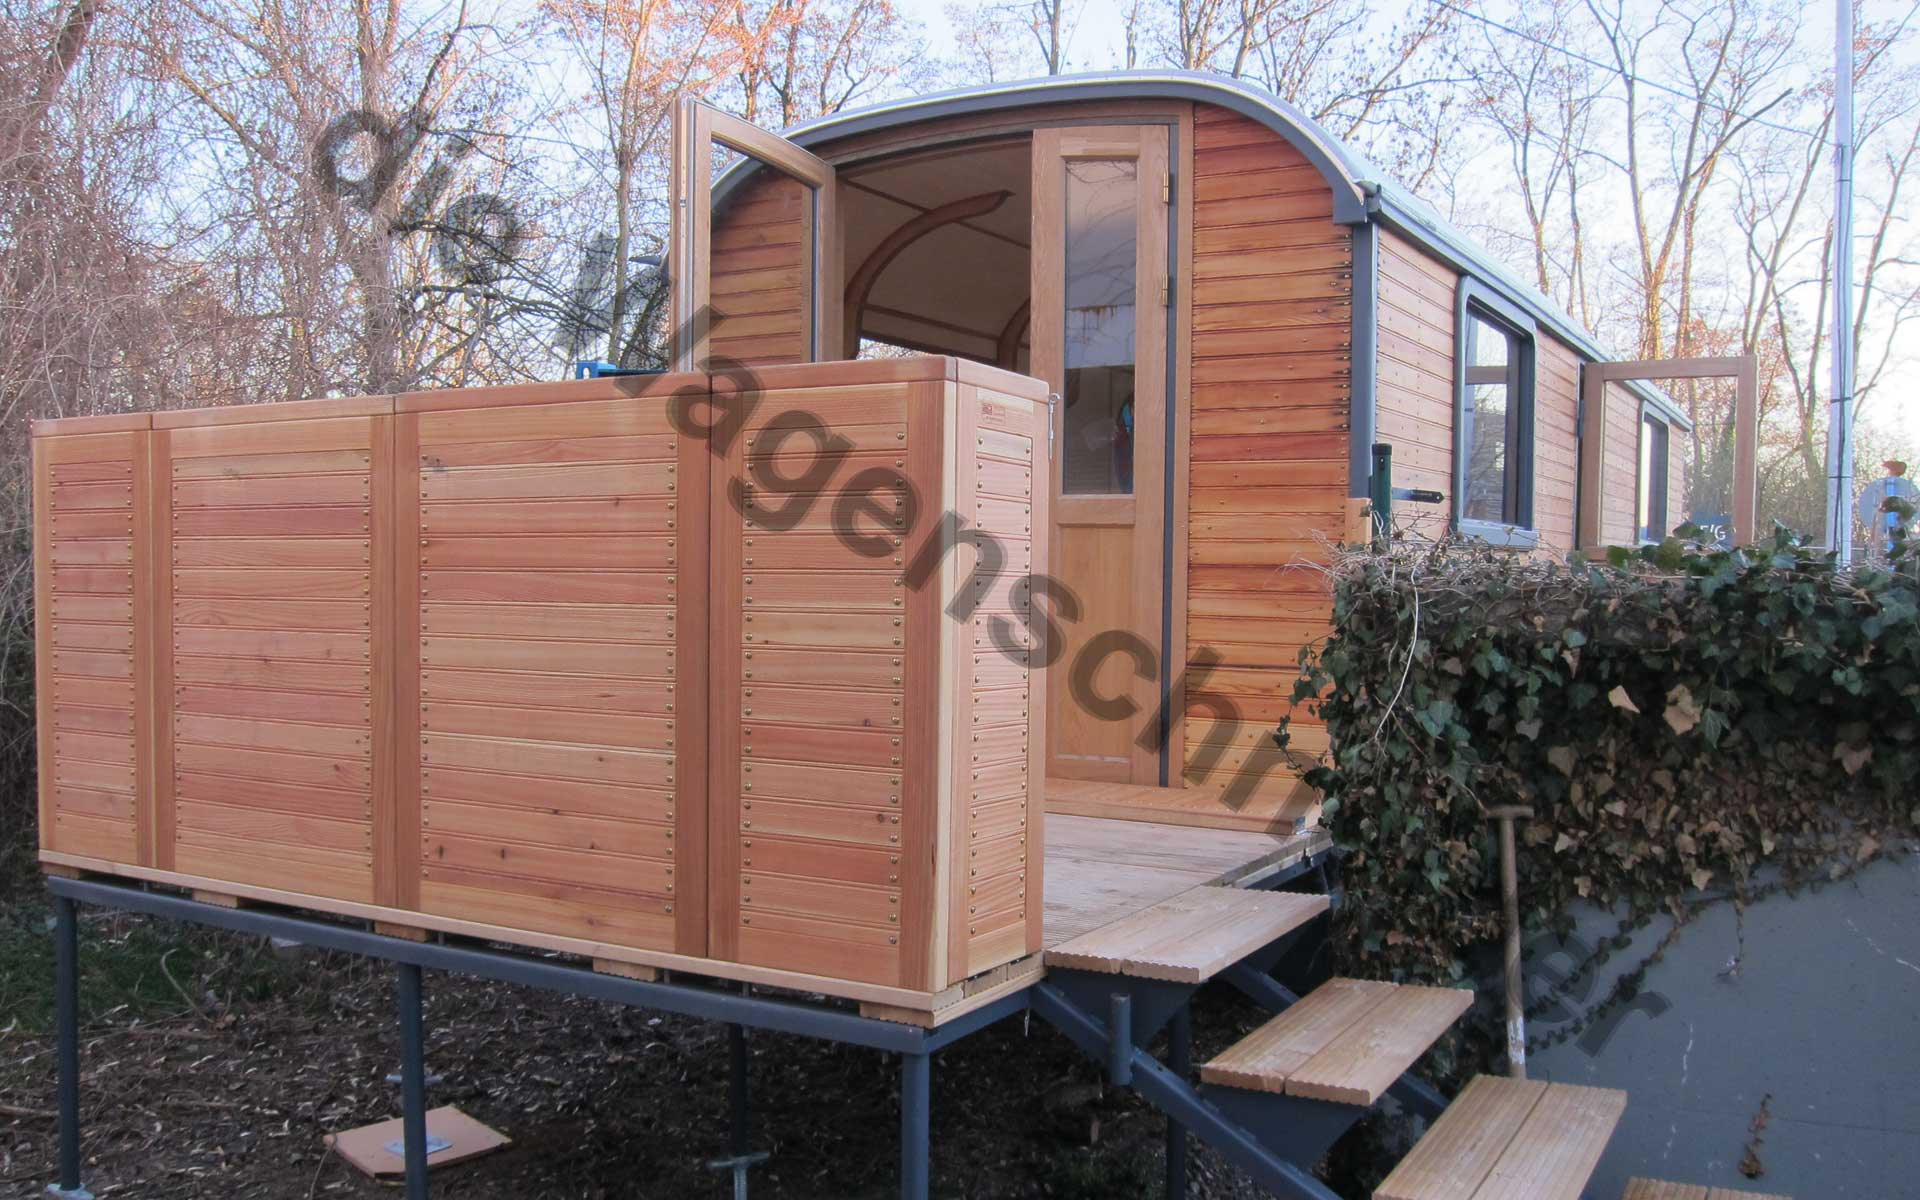 labor im zirkuswagen. Black Bedroom Furniture Sets. Home Design Ideas